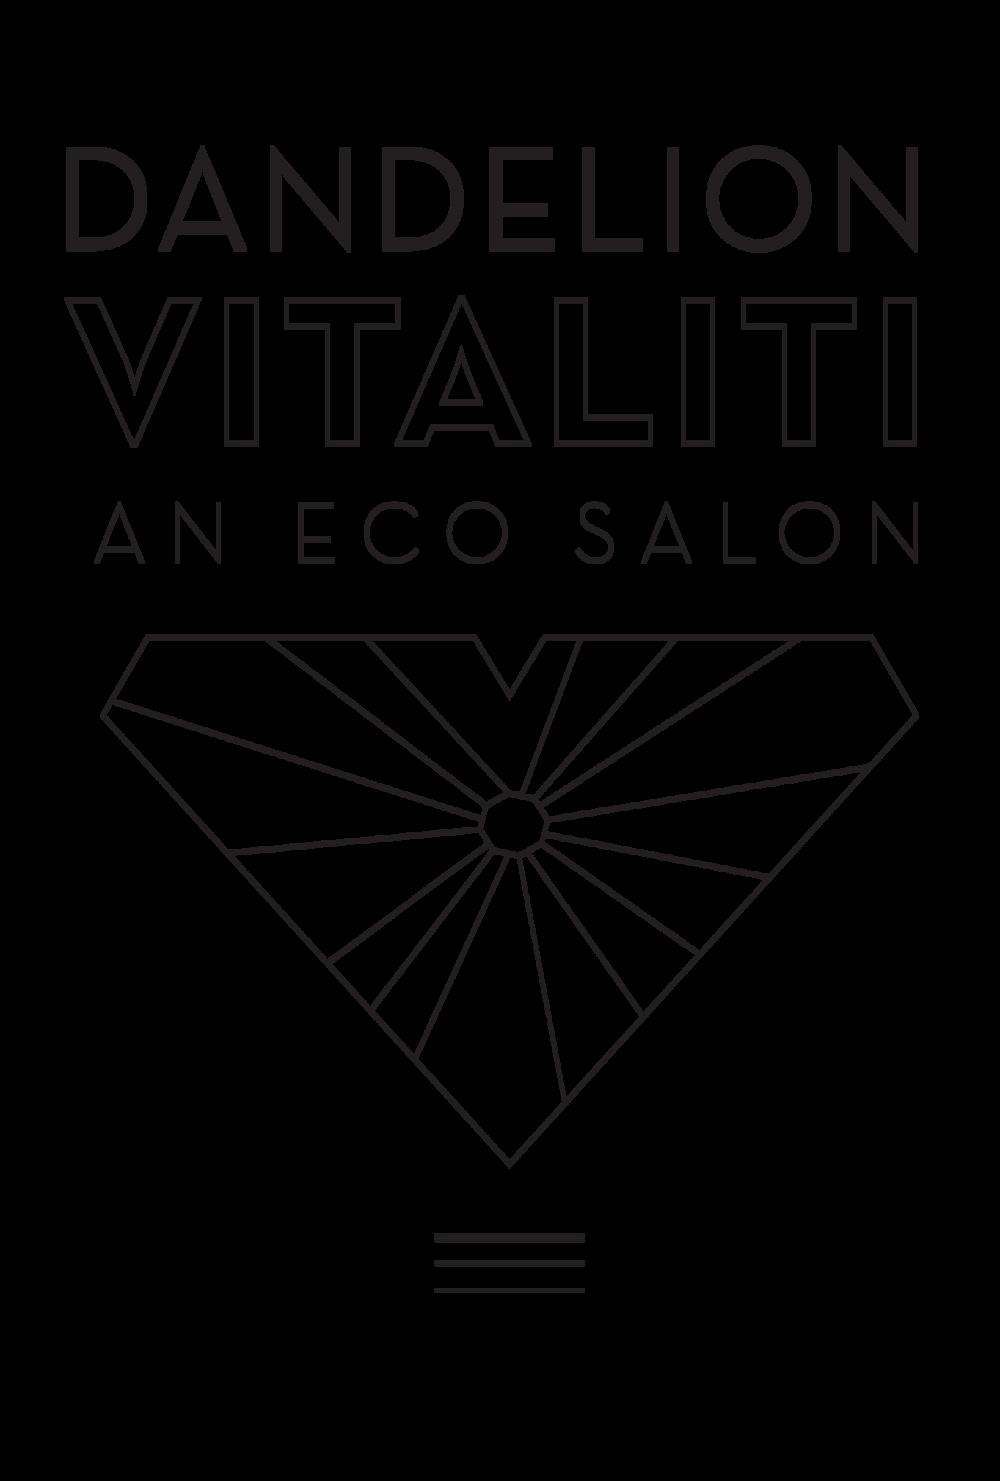 dandelion vitaliti LOGO WEB, Black.png